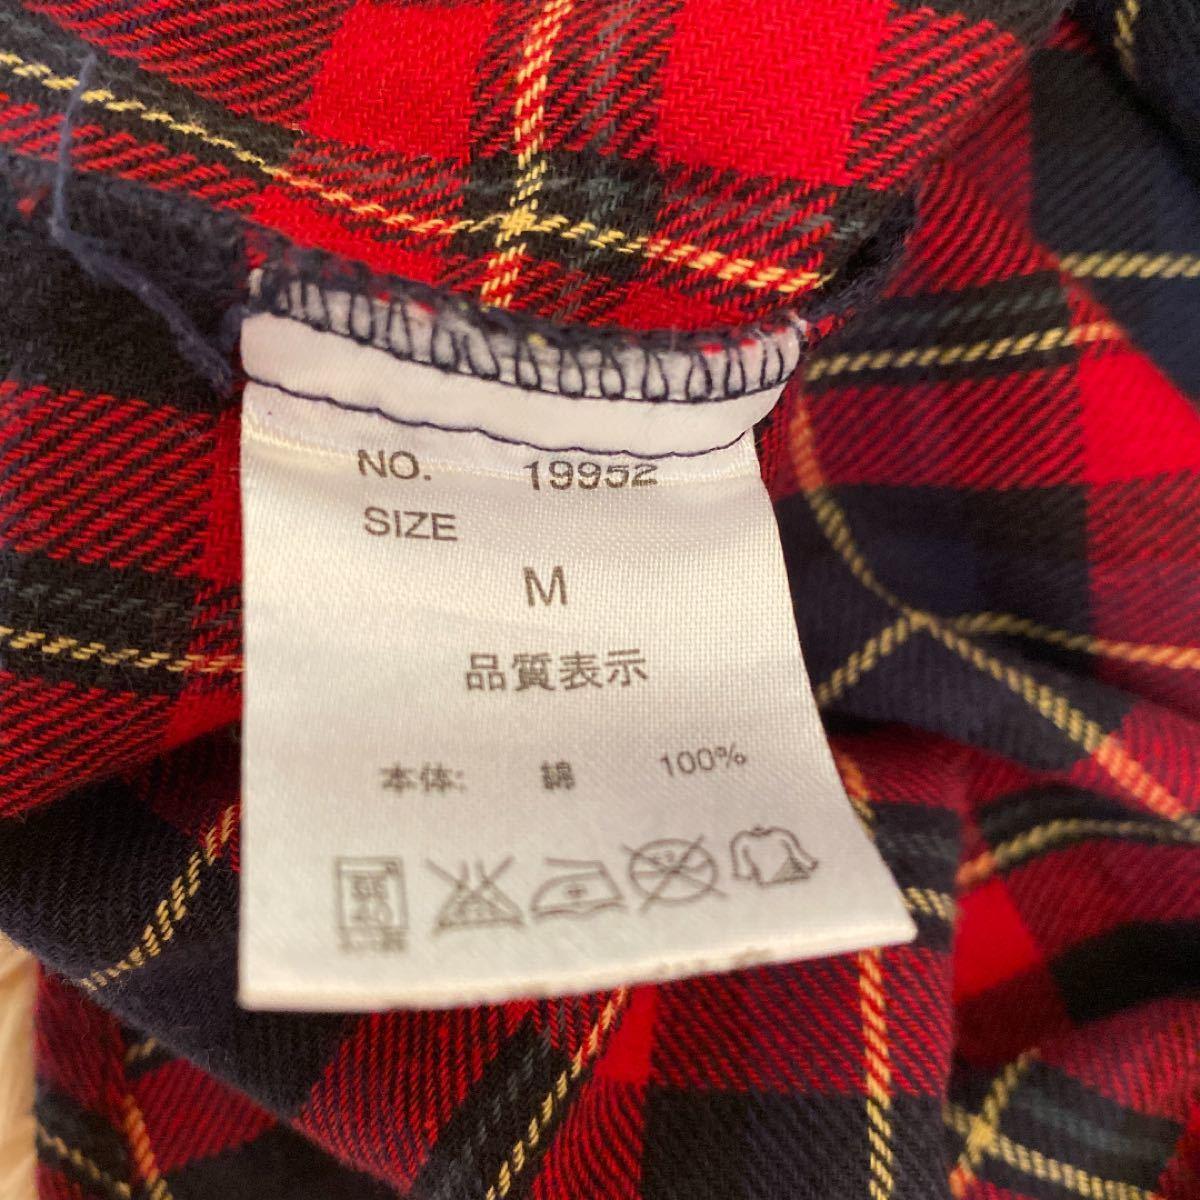 チェックシャツ 長袖シャツ 長袖 チェック チェック柄 ネルシャツ